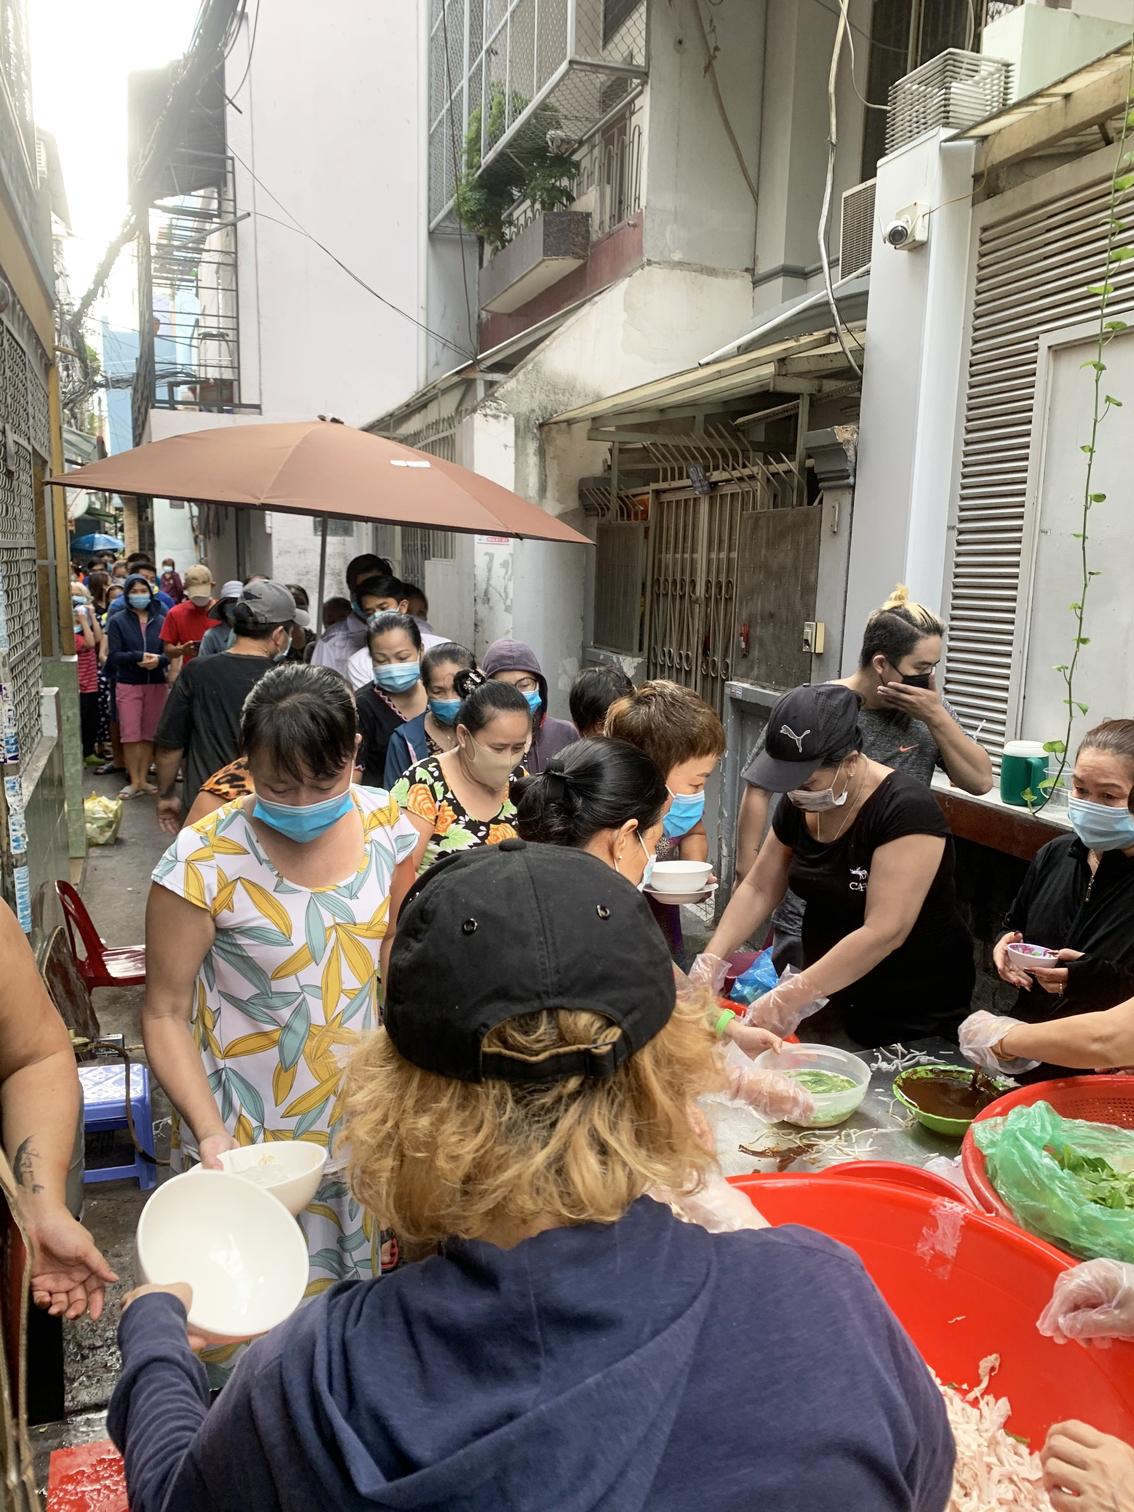 Rất đông người dân xếp hàng nhận các suất ăn do chị Vân phục vụ miễn phí